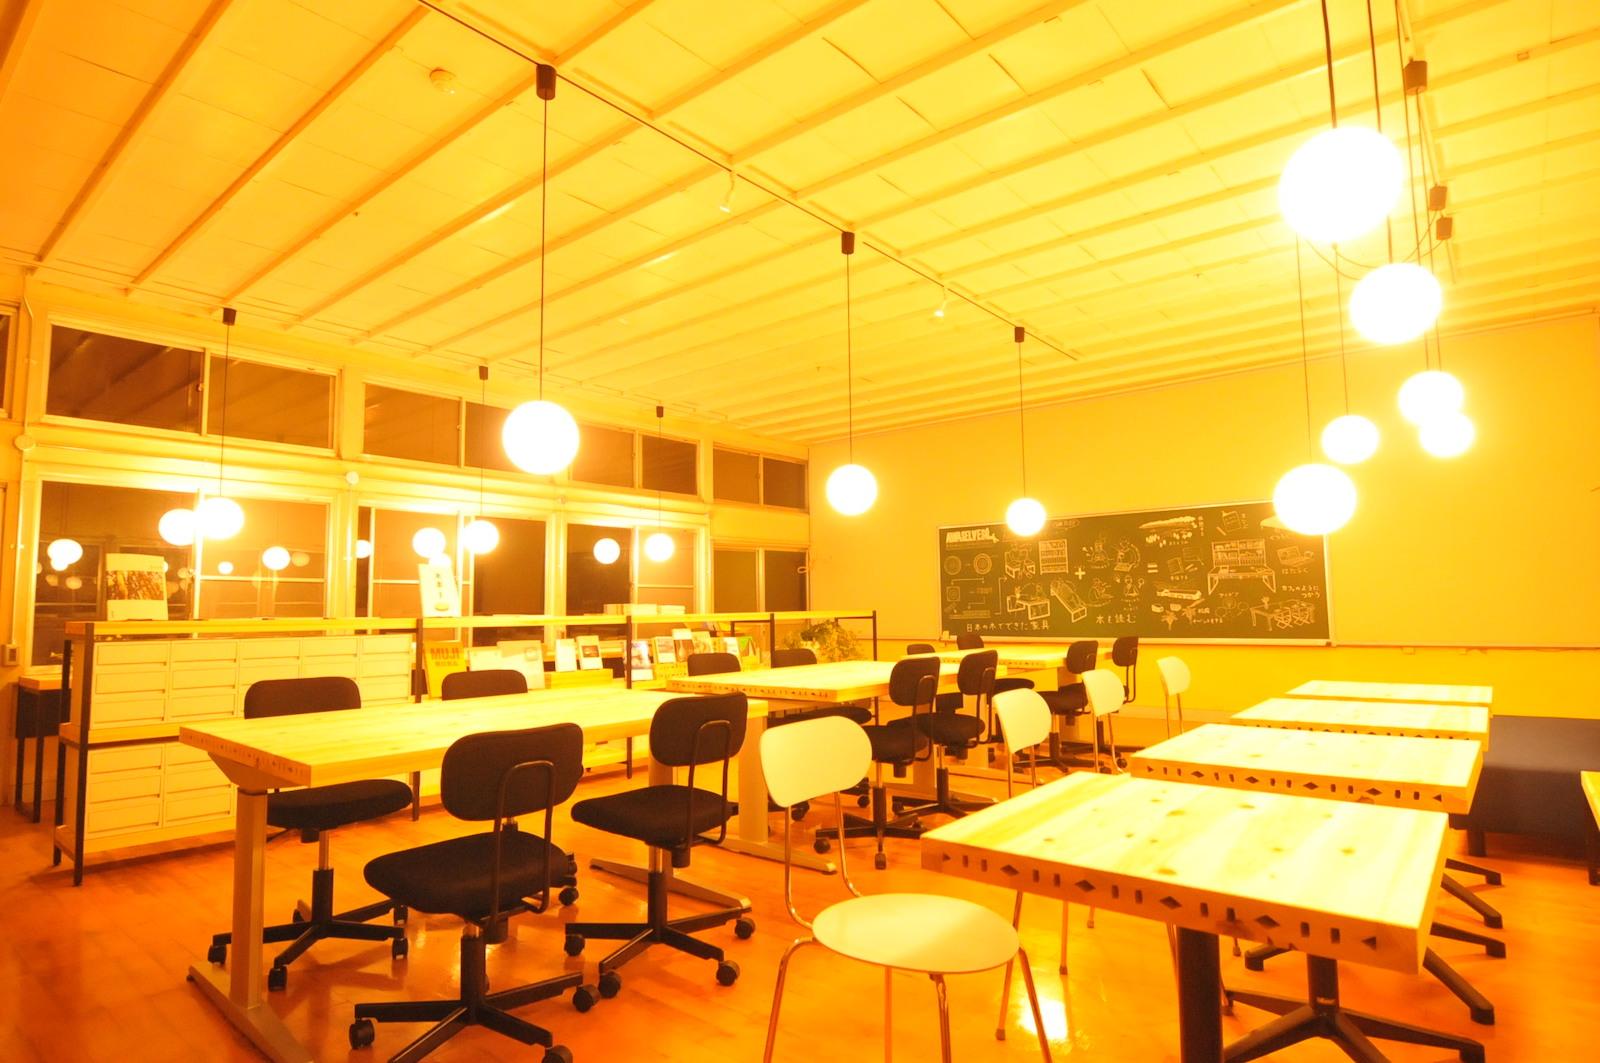 シラハマ校舎にあるコワーキングスペース。蟻川さんの白浜での仕事場でもあります